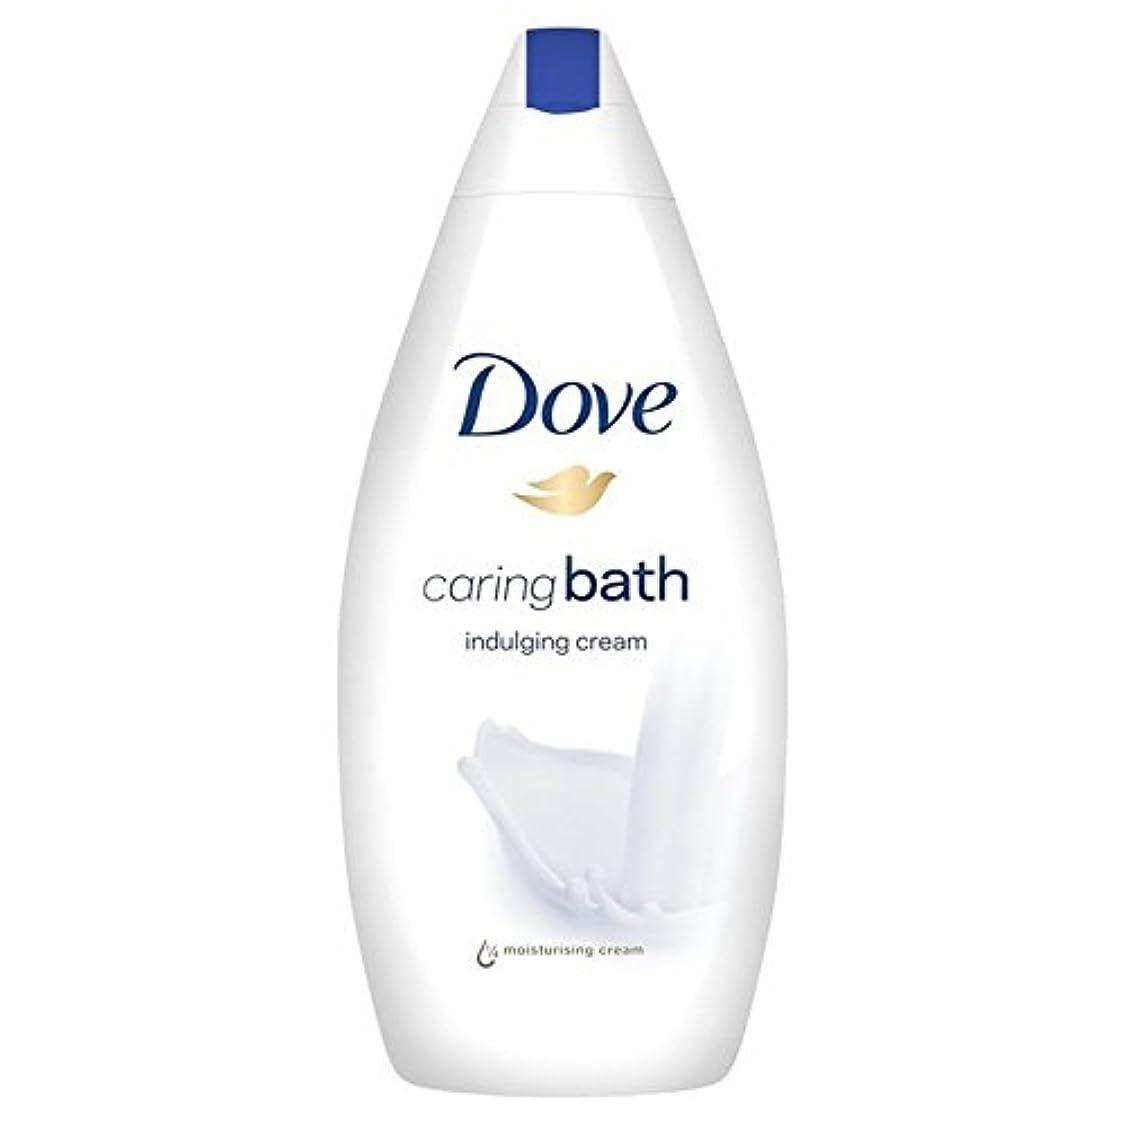 凝視以来迷信思いやりのバス500ミリリットルをふける鳩 x2 - Dove Indulging Caring Bath 500ml (Pack of 2) [並行輸入品]